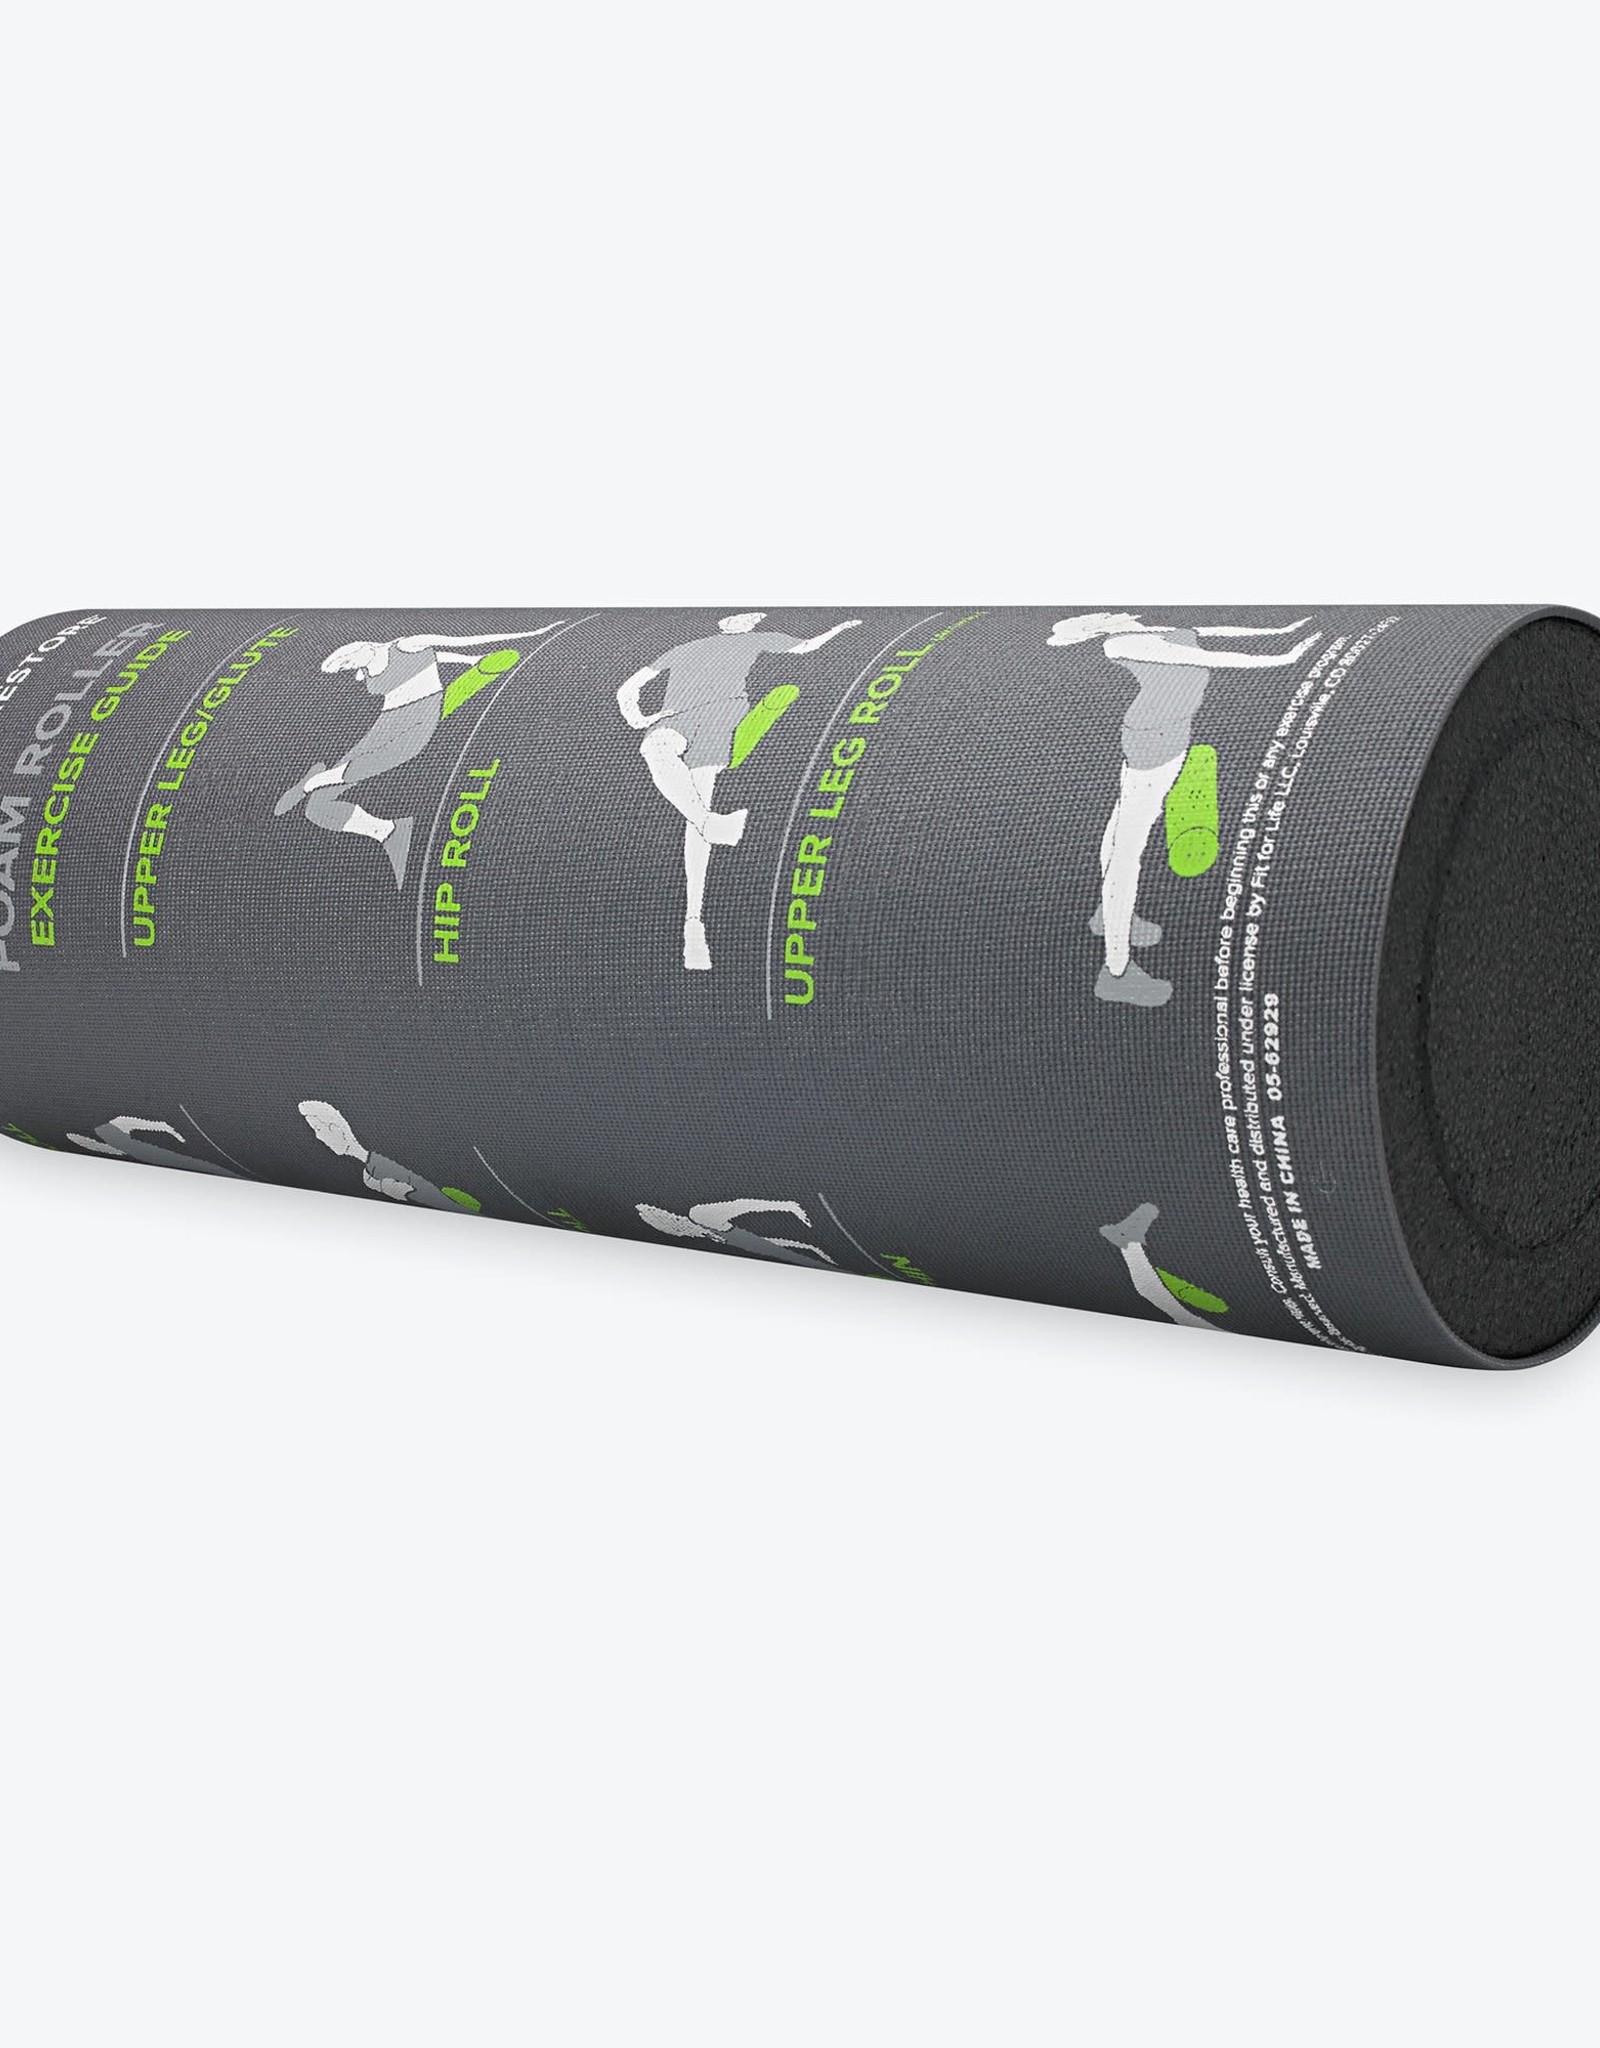 Gaiam Restore Self-Guided Foam Roller